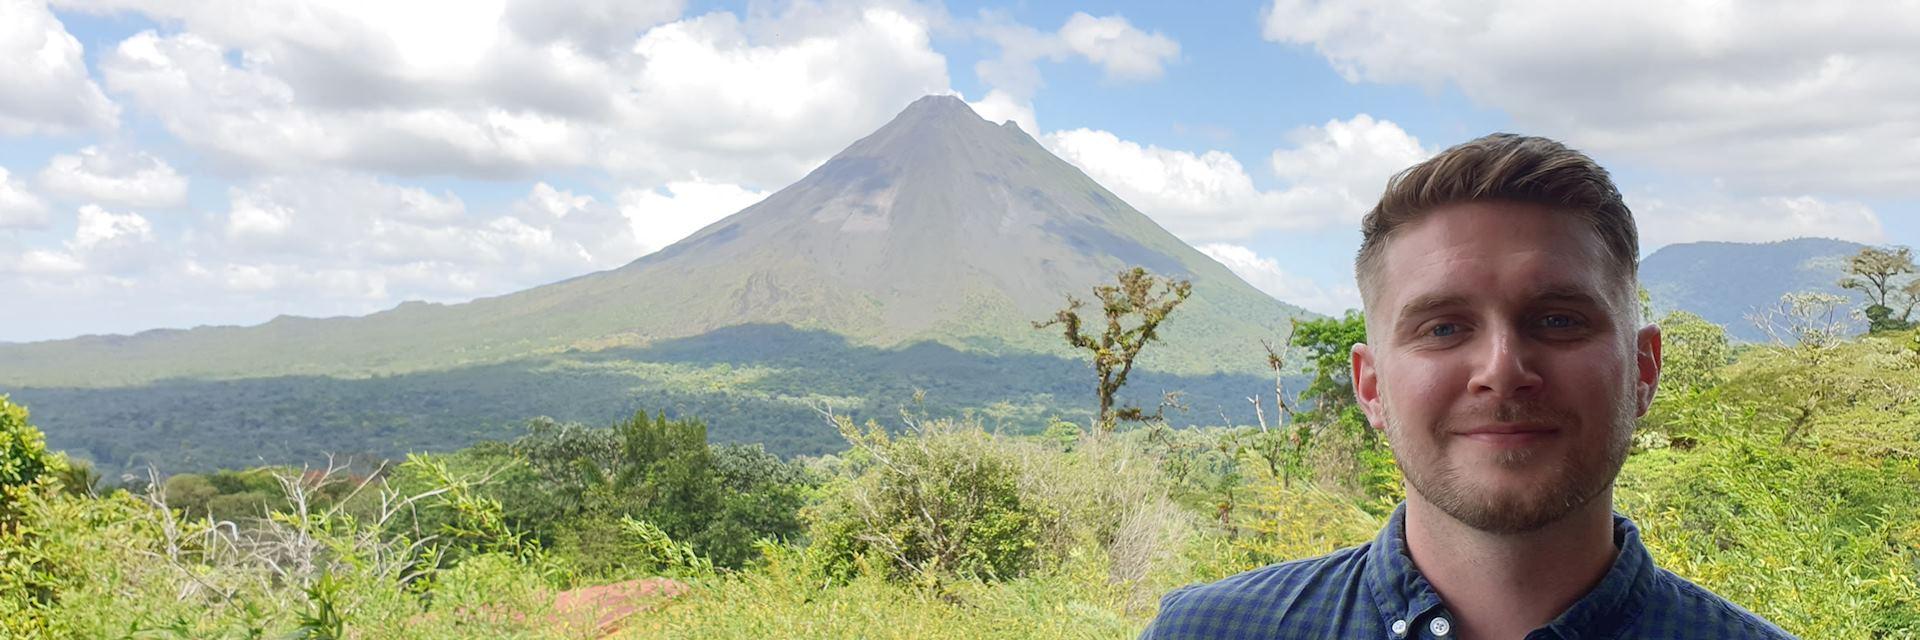 Dan at Arenal Volcano, Costa Rica